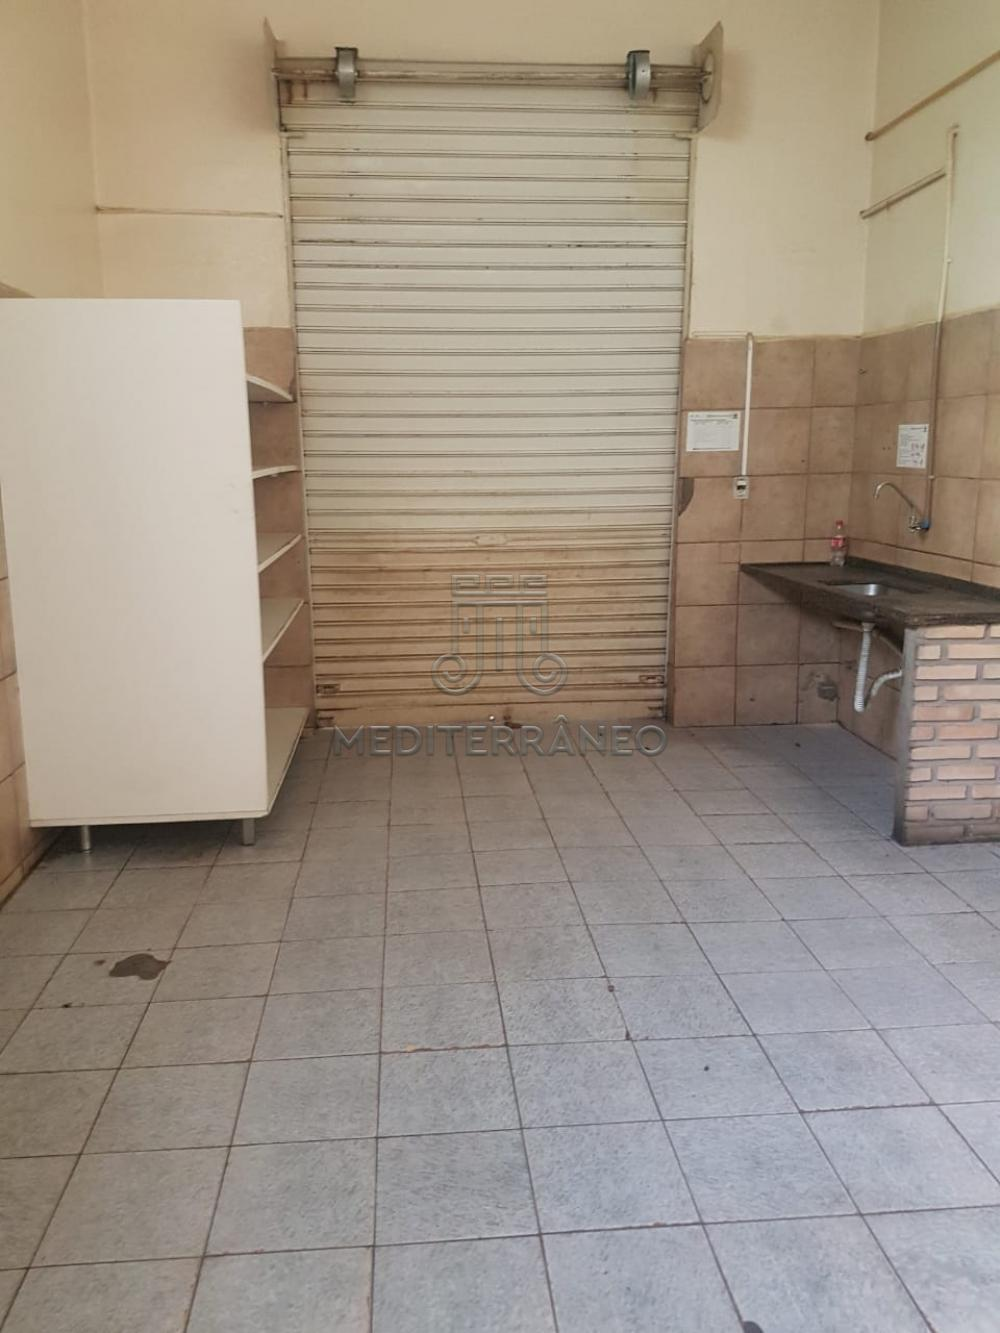 Alugar Comercial / Salão em Jundiaí apenas R$ 2.500,00 - Foto 12